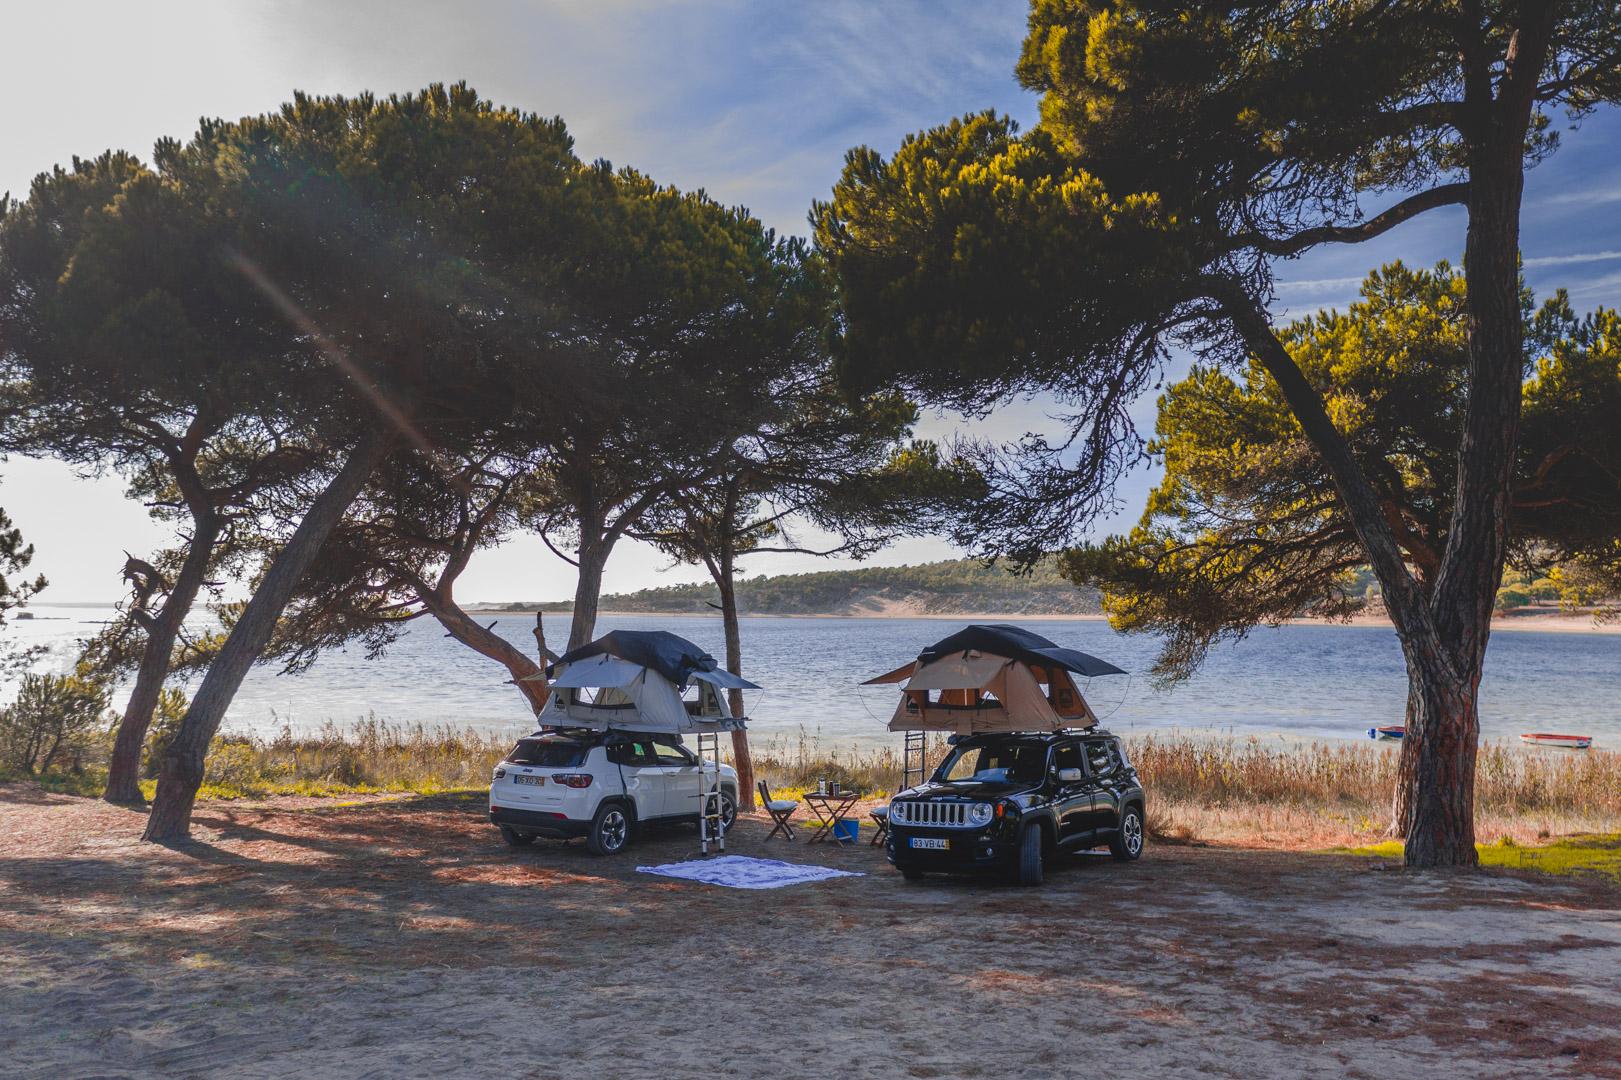 Hertz E Jeep Lancam Servico De Aluguer De Tendas Rooftop